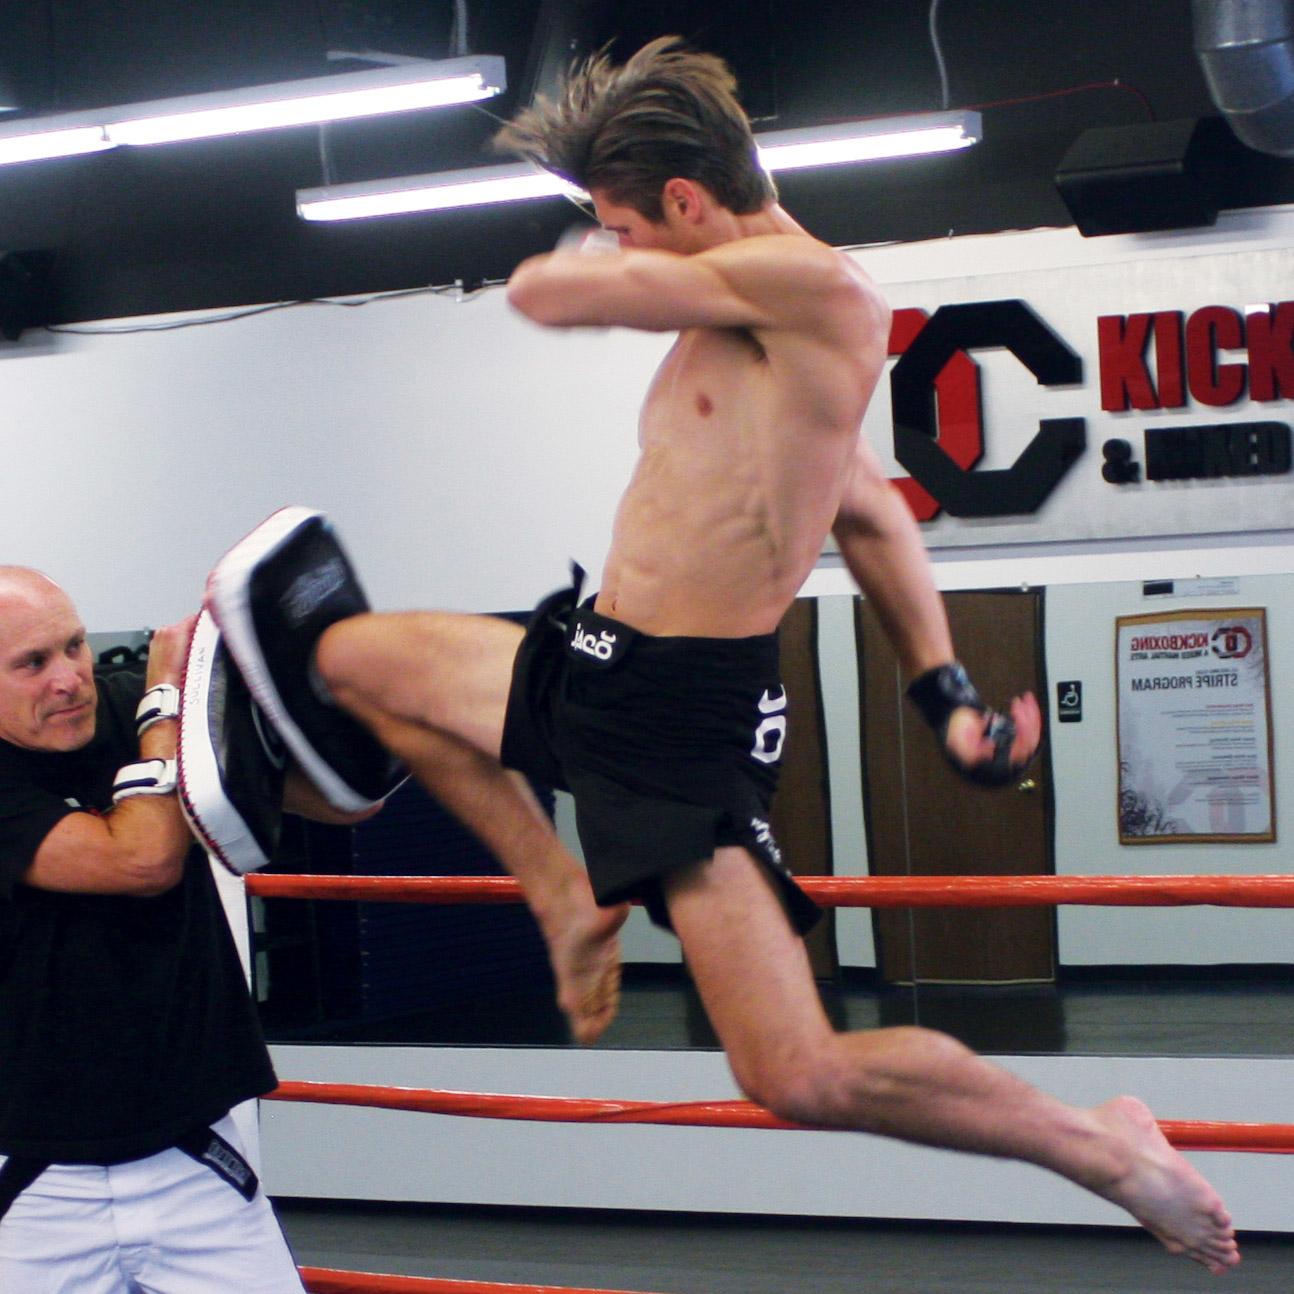 OC Kickboxing & Mixed Martial Arts - Irvine, CA